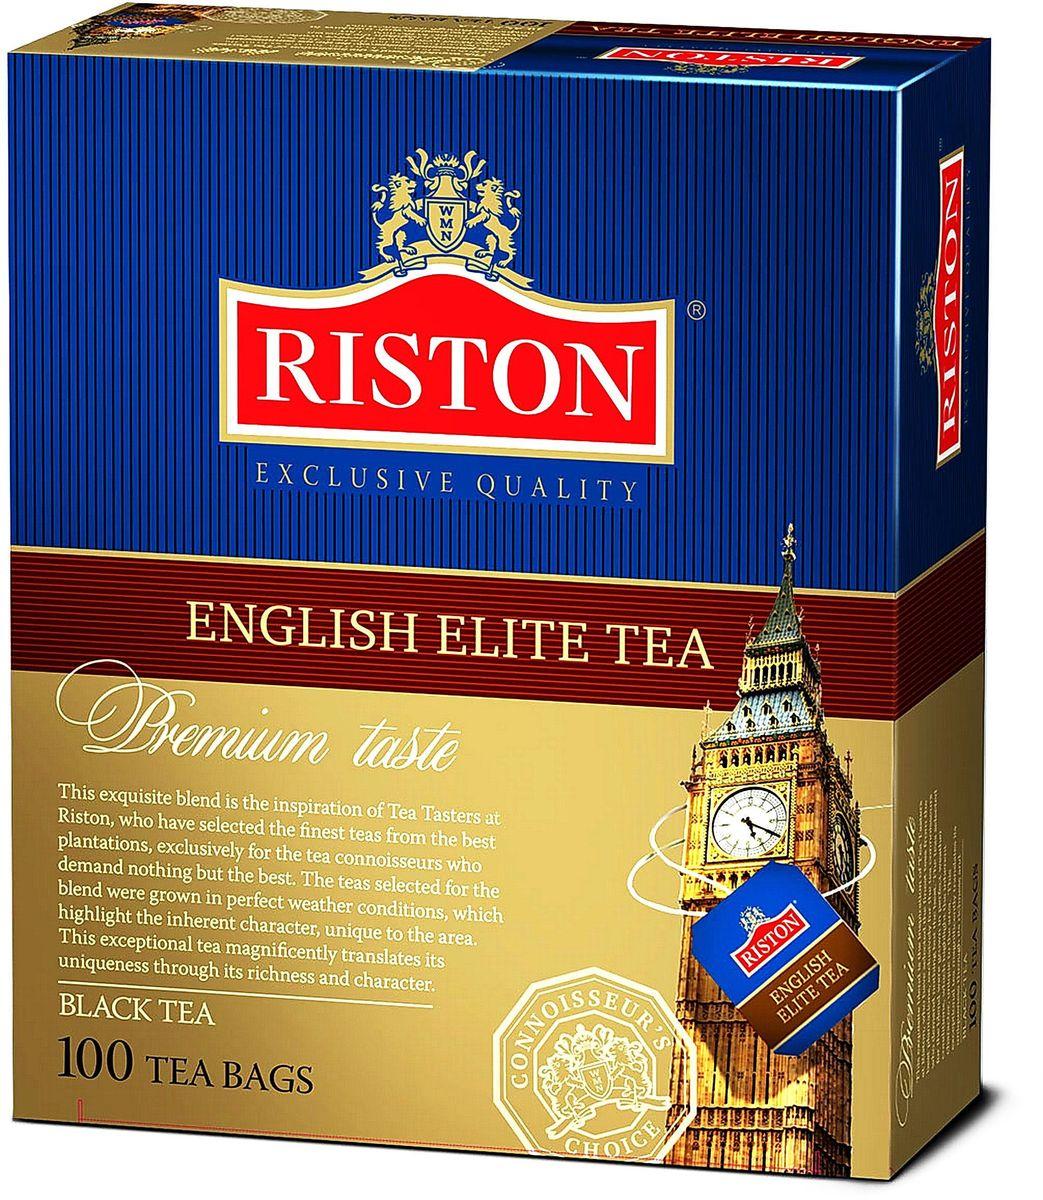 Riston Элитный Английский черный чай в пакетиках, 100 шт0120710Riston Элитный Английский - крепкий характер настоящего цейлонского чая с насыщенным ароматом и деликатной ноткой бергамота будет сопровождать вас в течение дня продолжительным мягким послевкусием.